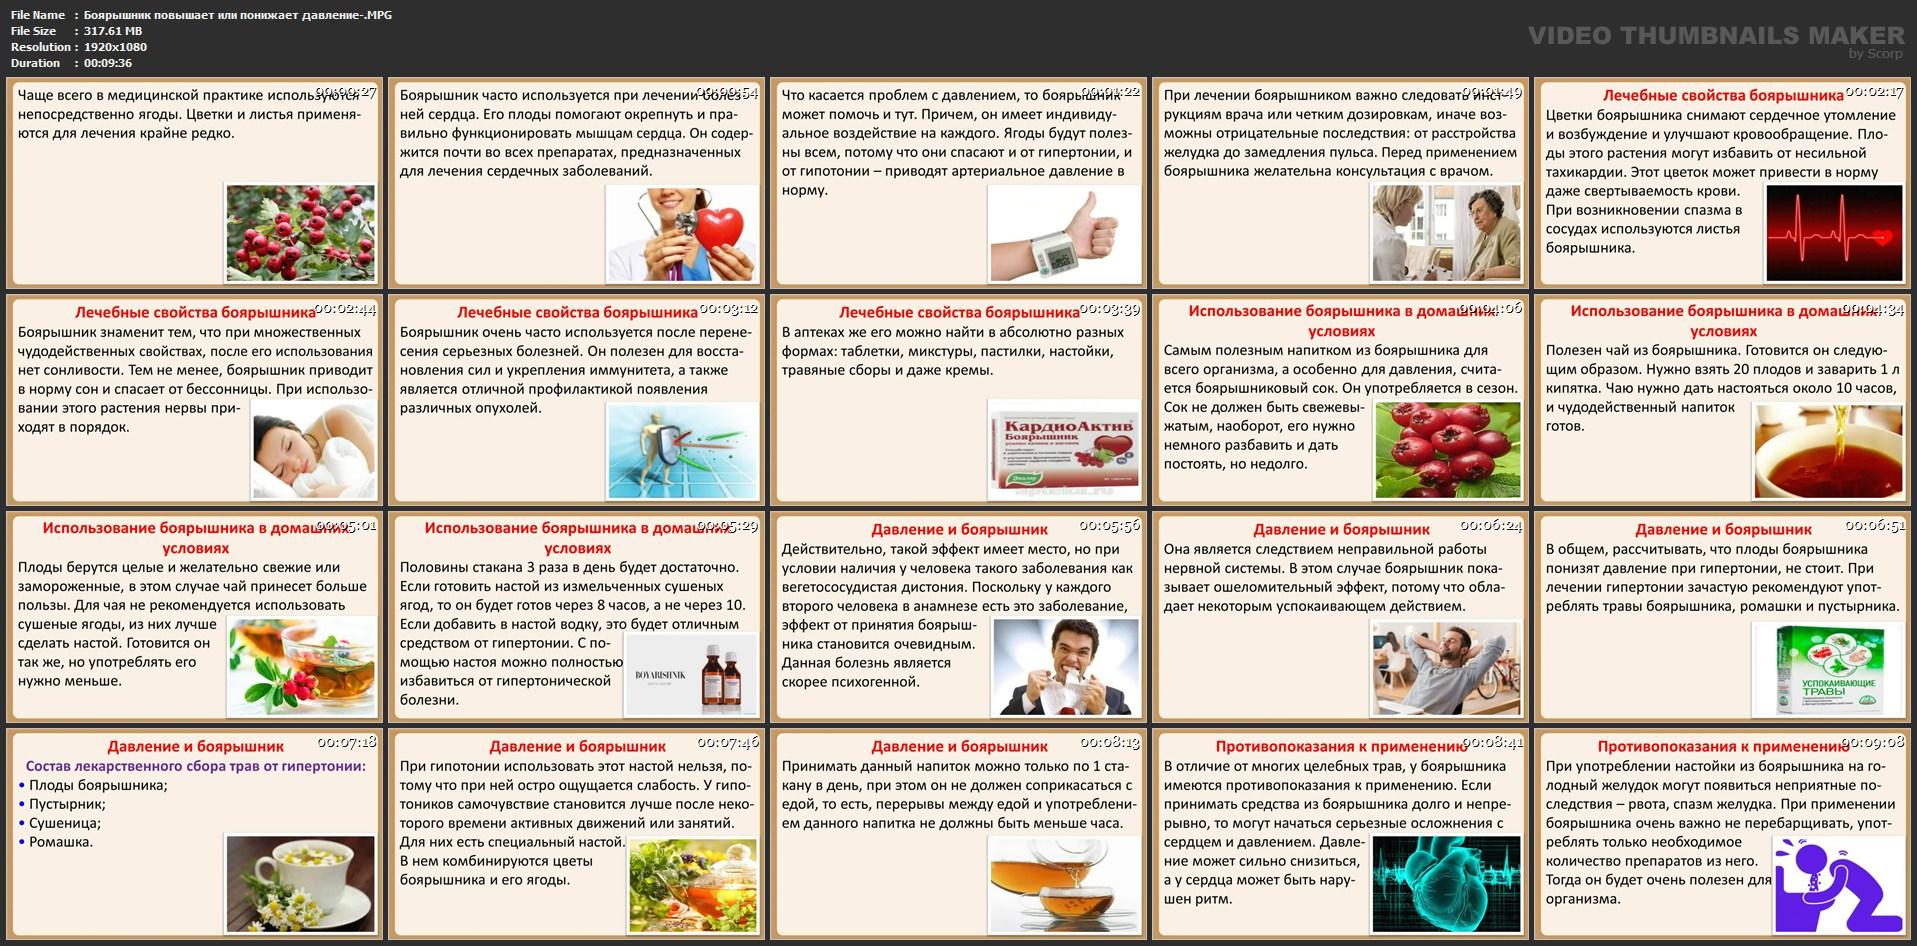 Боярышник рецепты от давления повышенного